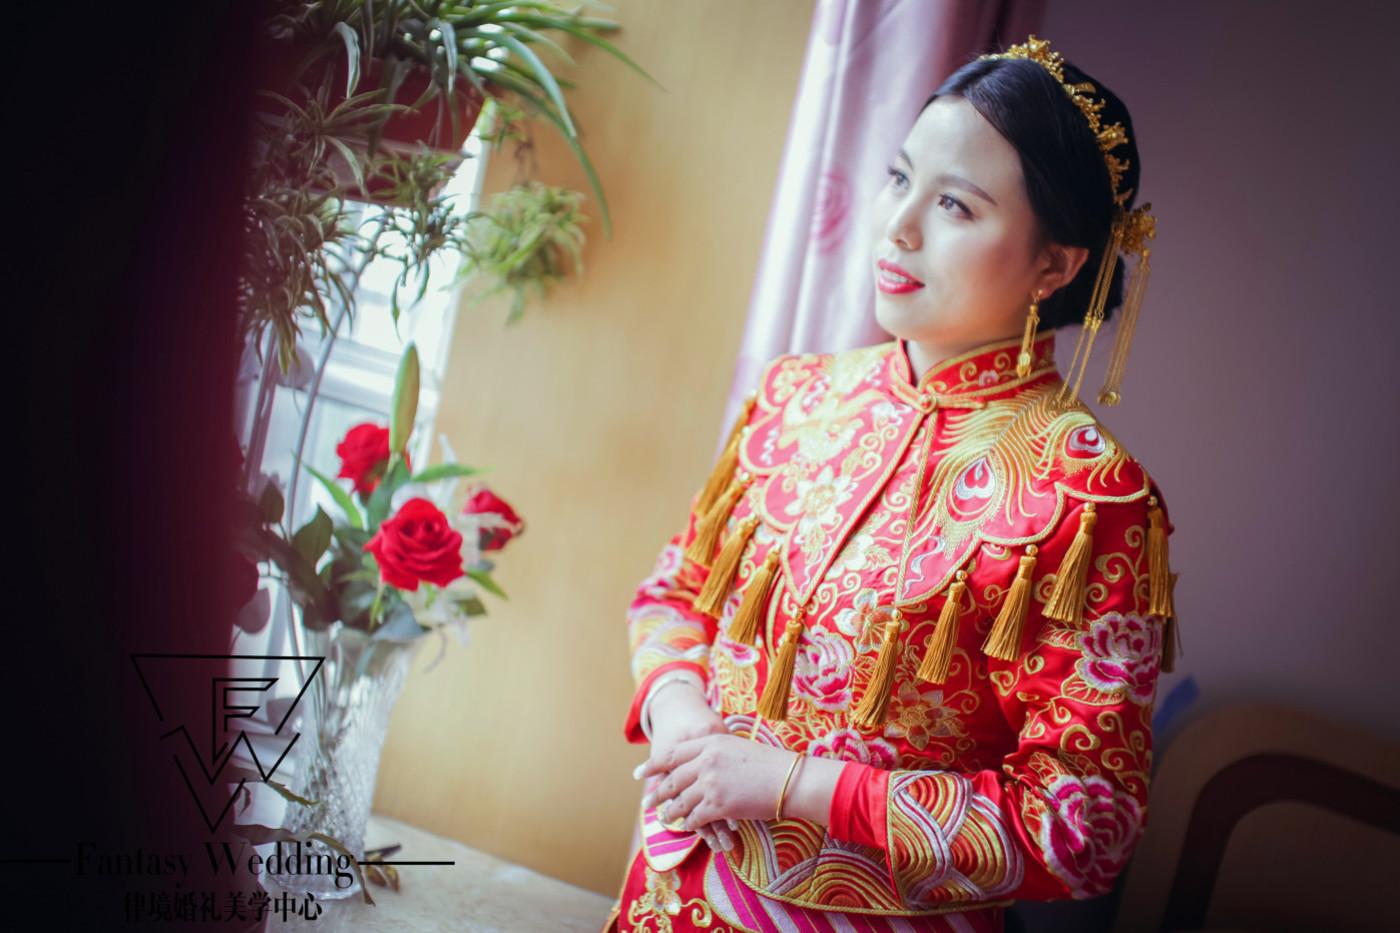 「Fantasy Wedding」&G R 白金汉爵4